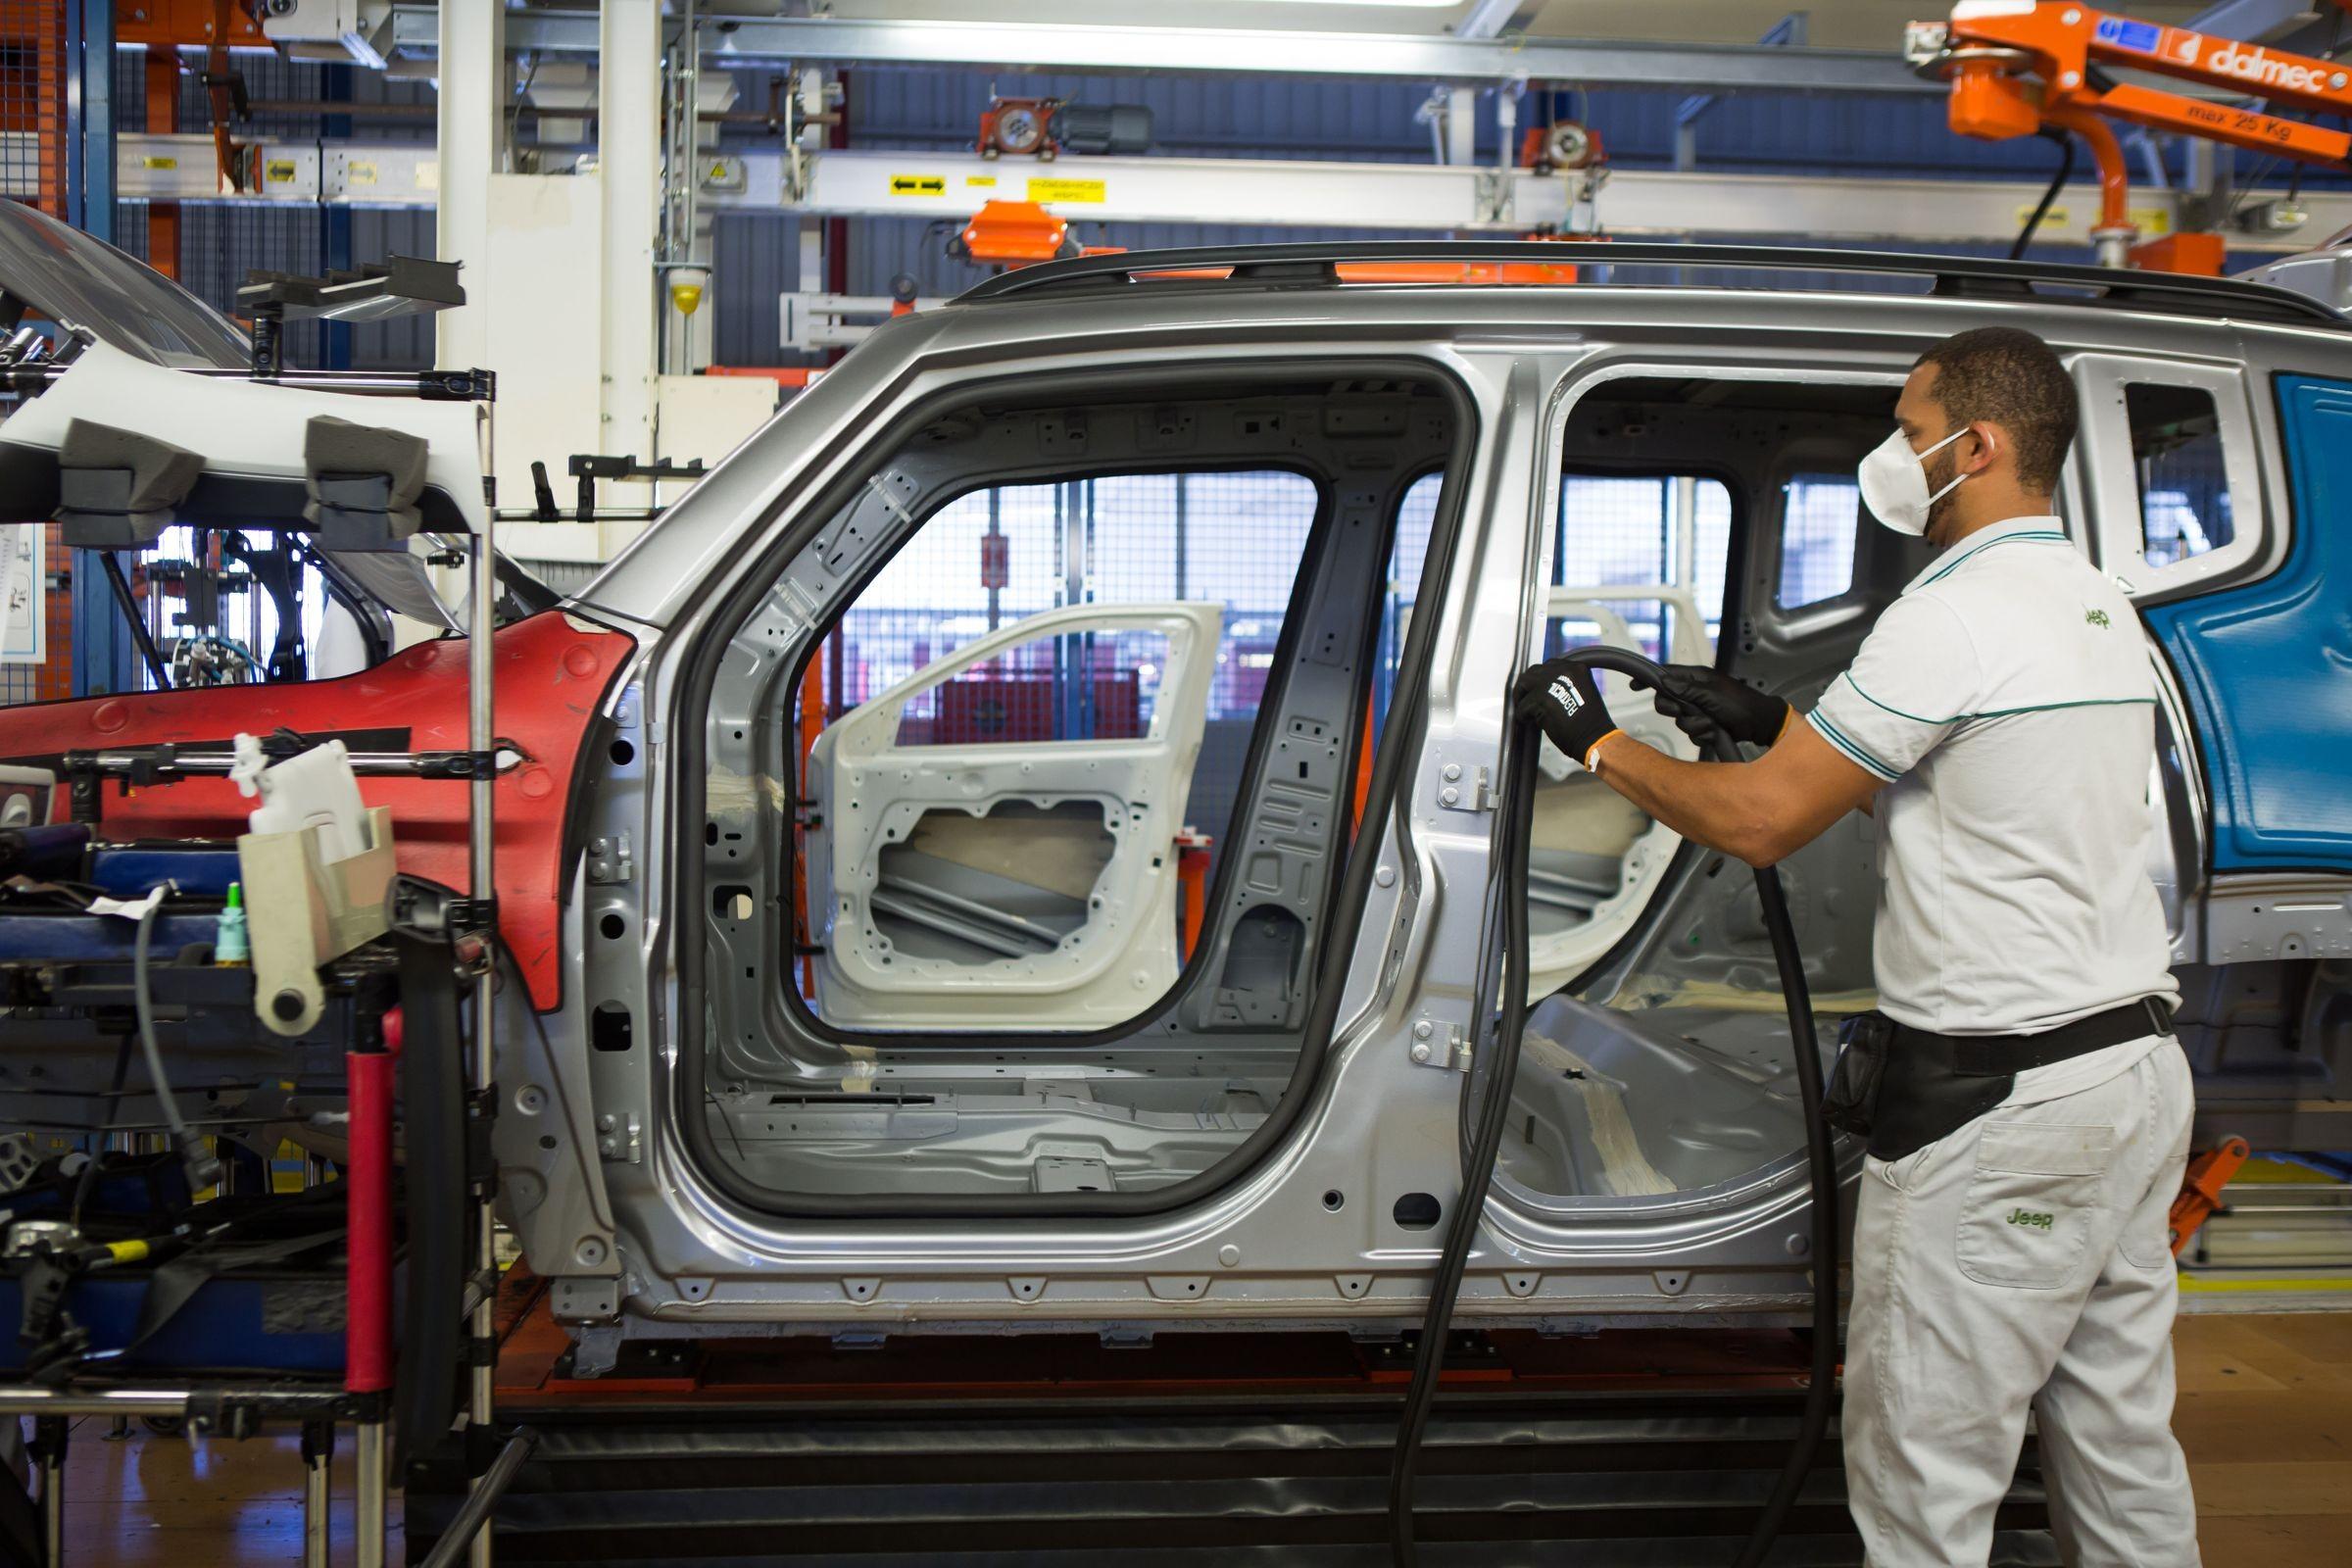 Vendas e produção de veículos disparam ante abril de 2020, aponta Anfavea